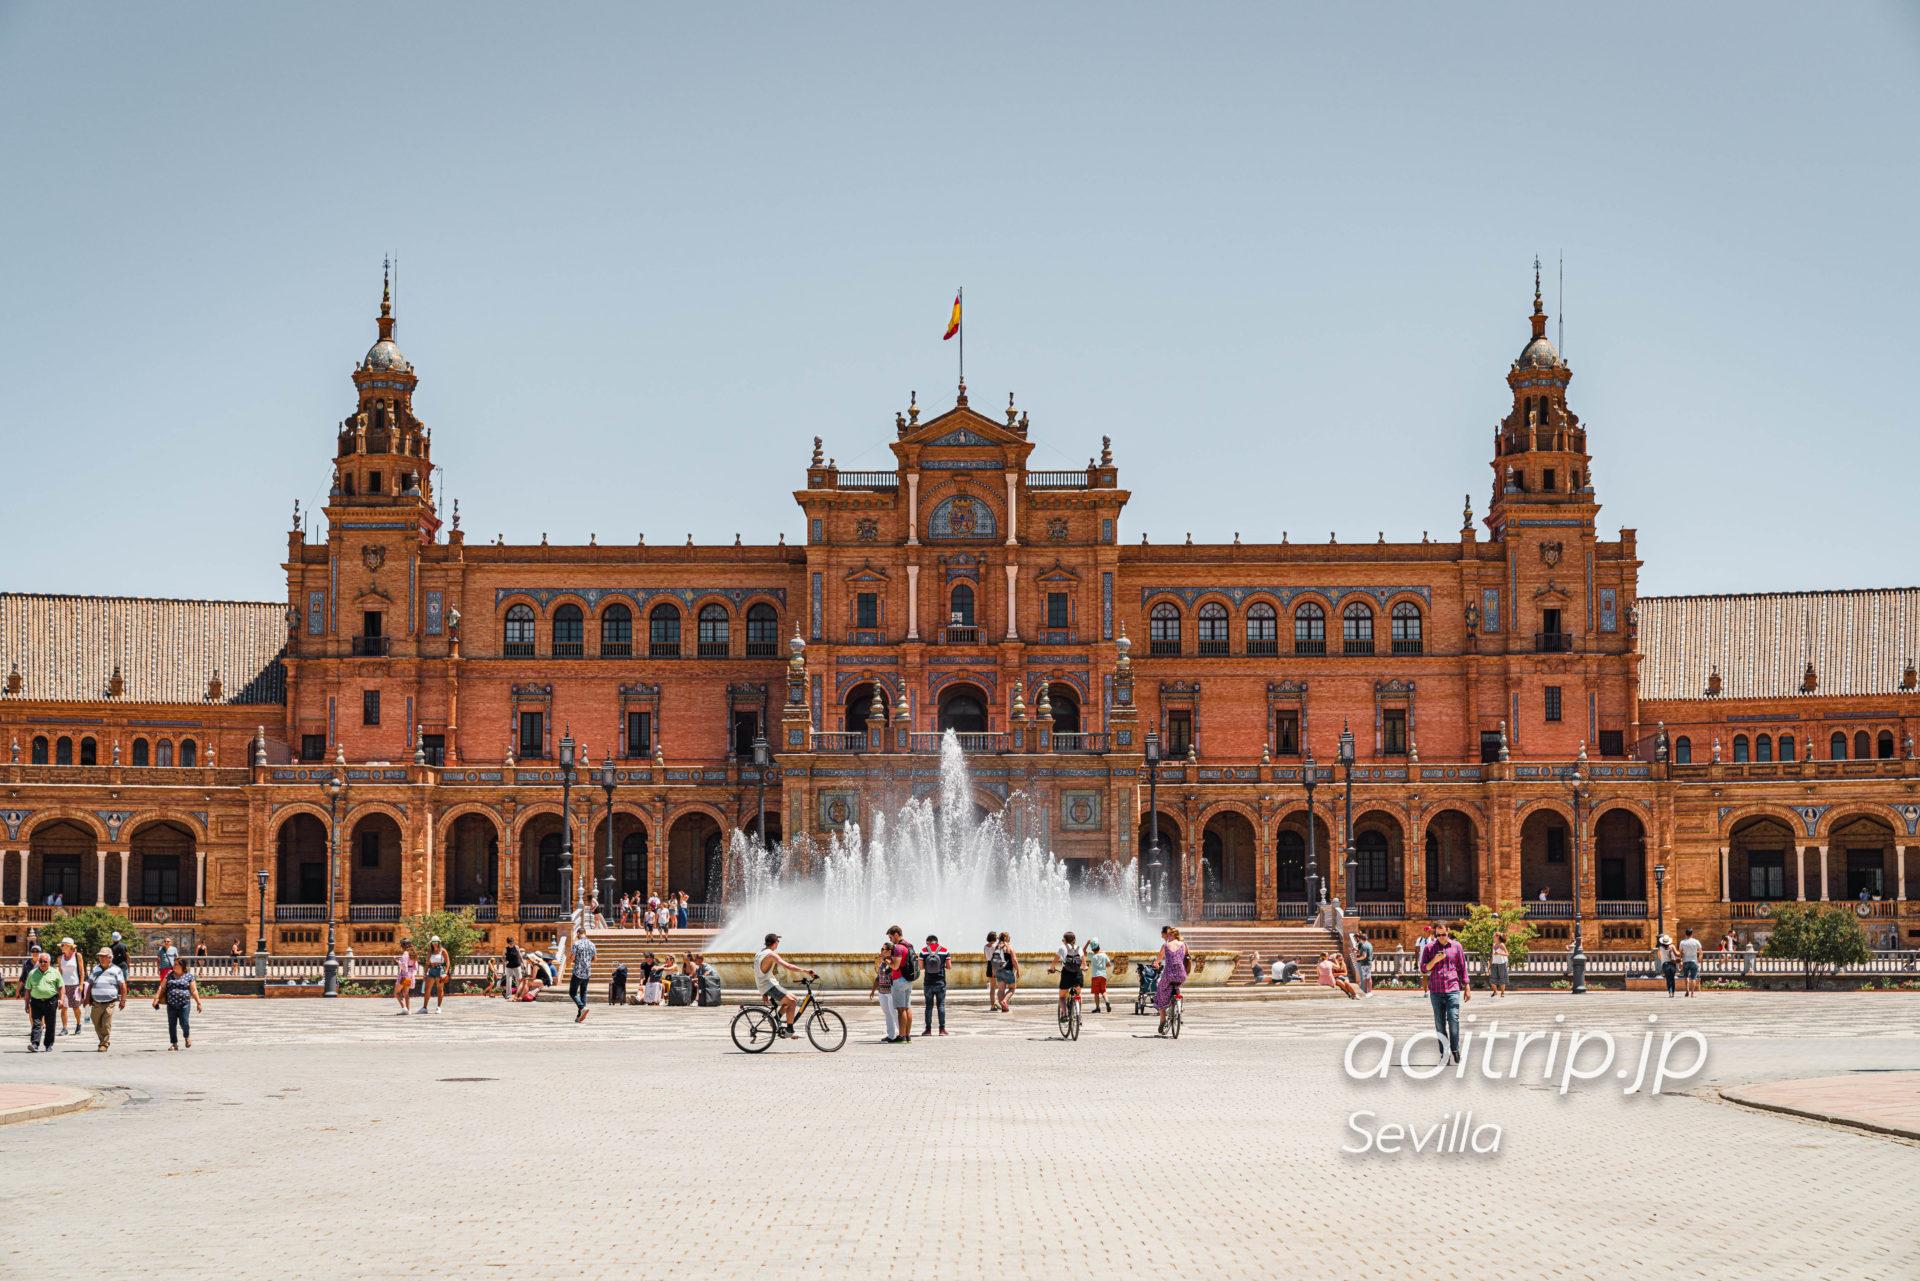 セビリアのスペイン広場|Plaza de España, Sevilla